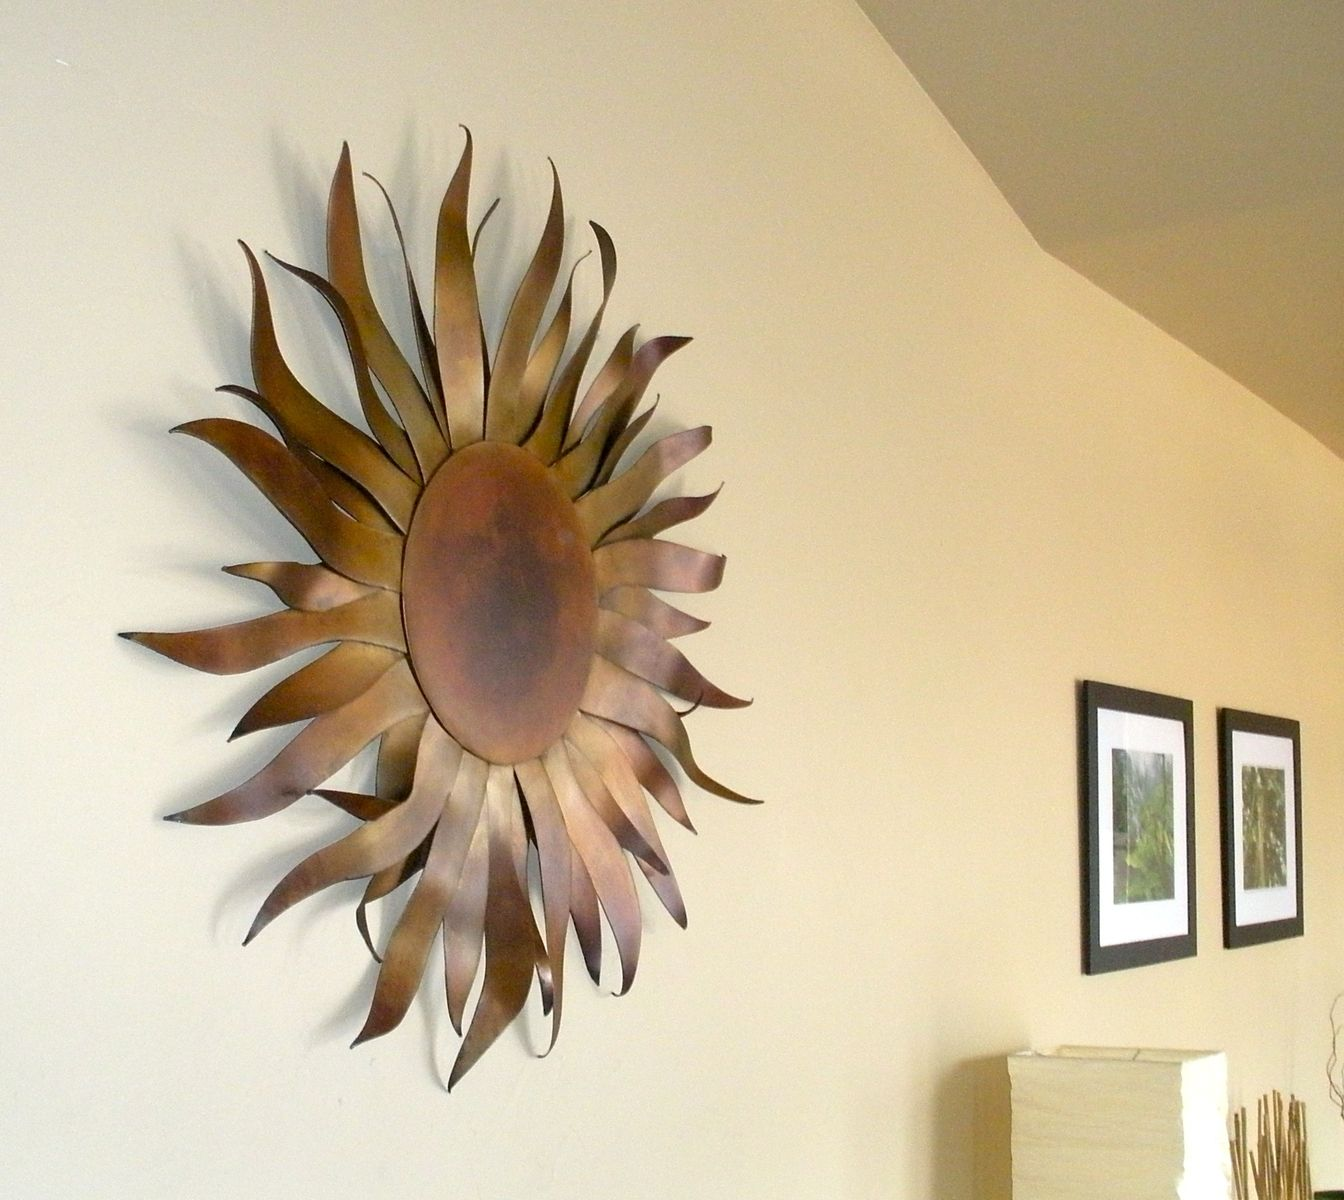 Original Metal Sun Sculpture Wall Art   sundials and sun sculptures ...